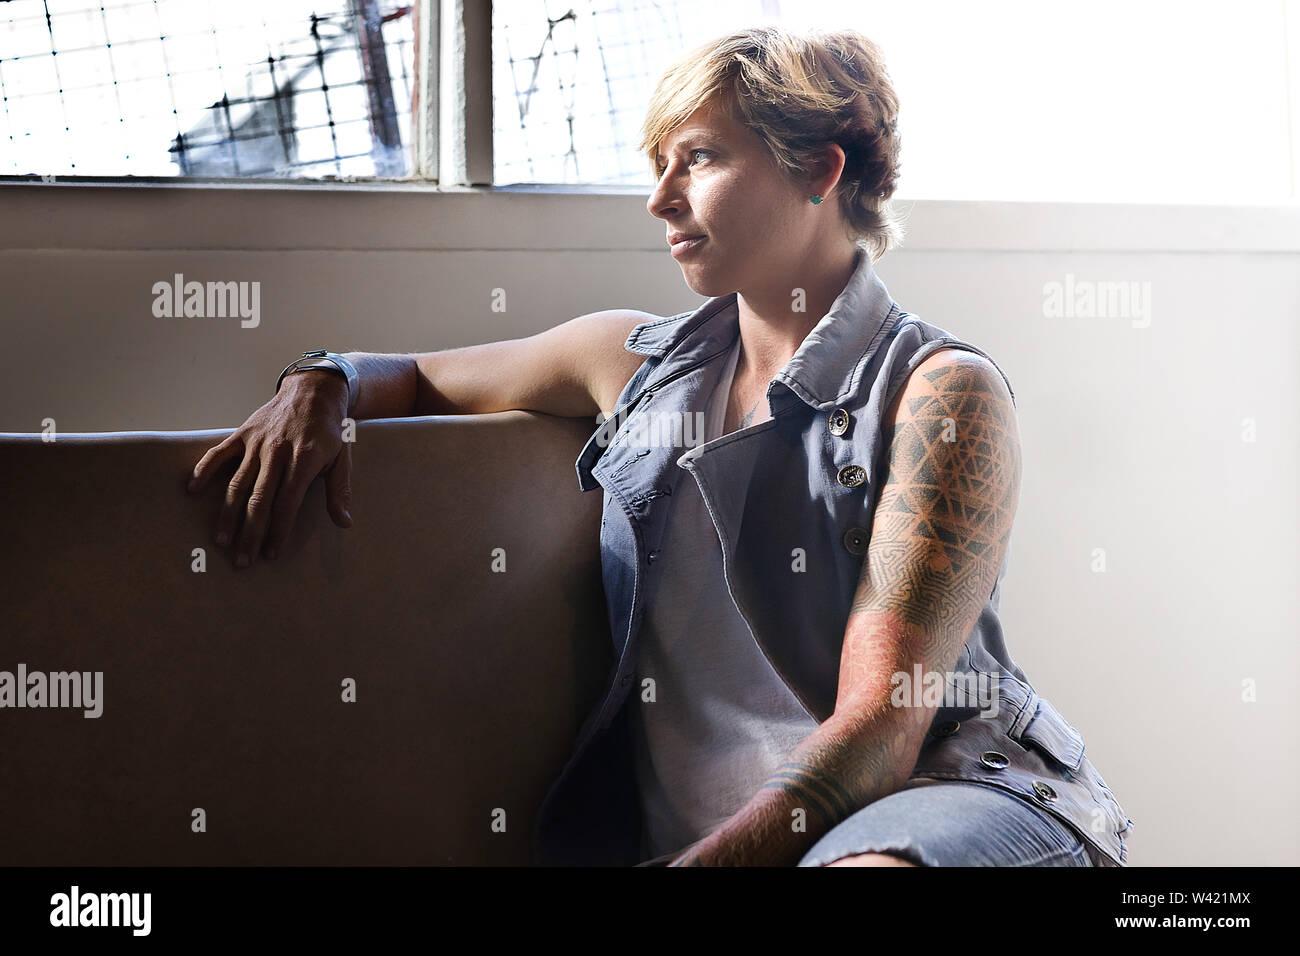 Fille aux cheveux courts avec tatouage sur sa main, assis sur une chaise et détourner le regard à travers la fenêtre montrant le comportement de réflexion sur un problème Photo Stock